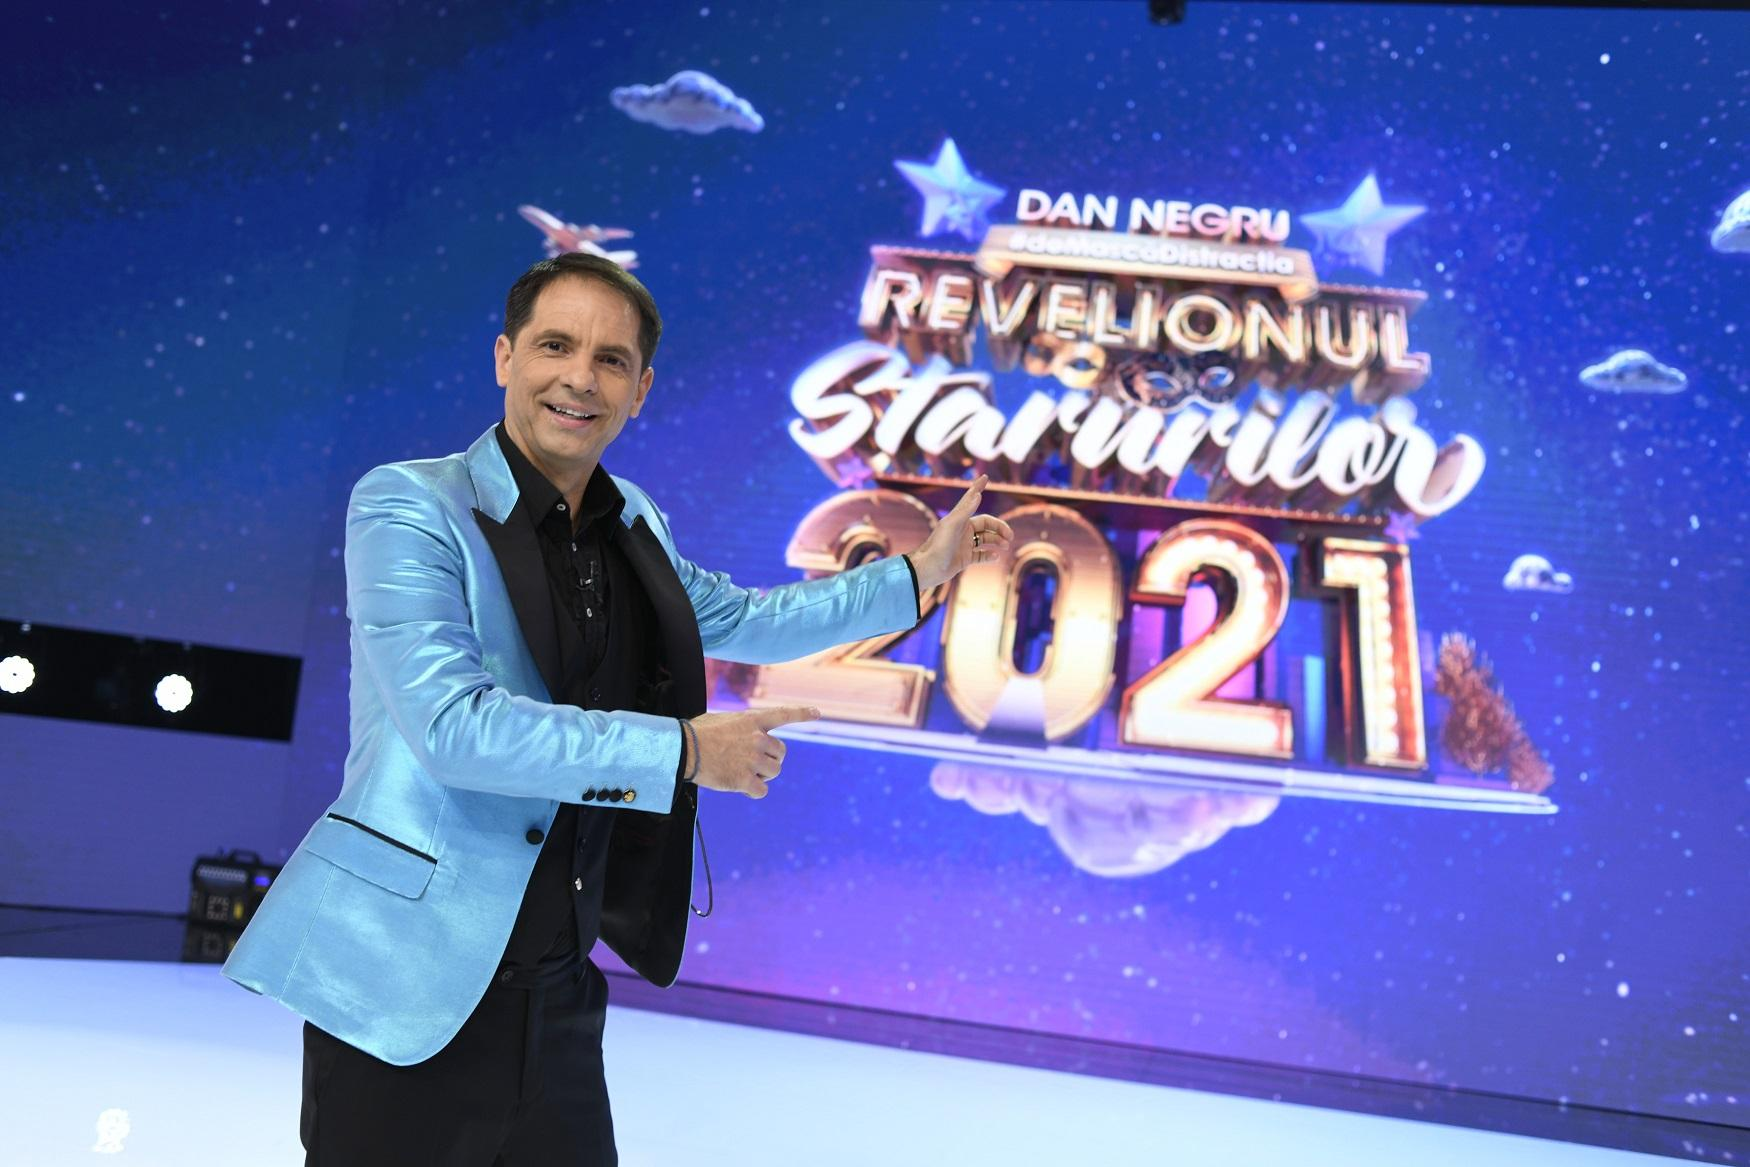 Revelionul Starurilor 2021, prezentat de Dan Negru la Antena 1, aduce surprize uriașe! Care sunt secretele măștilor